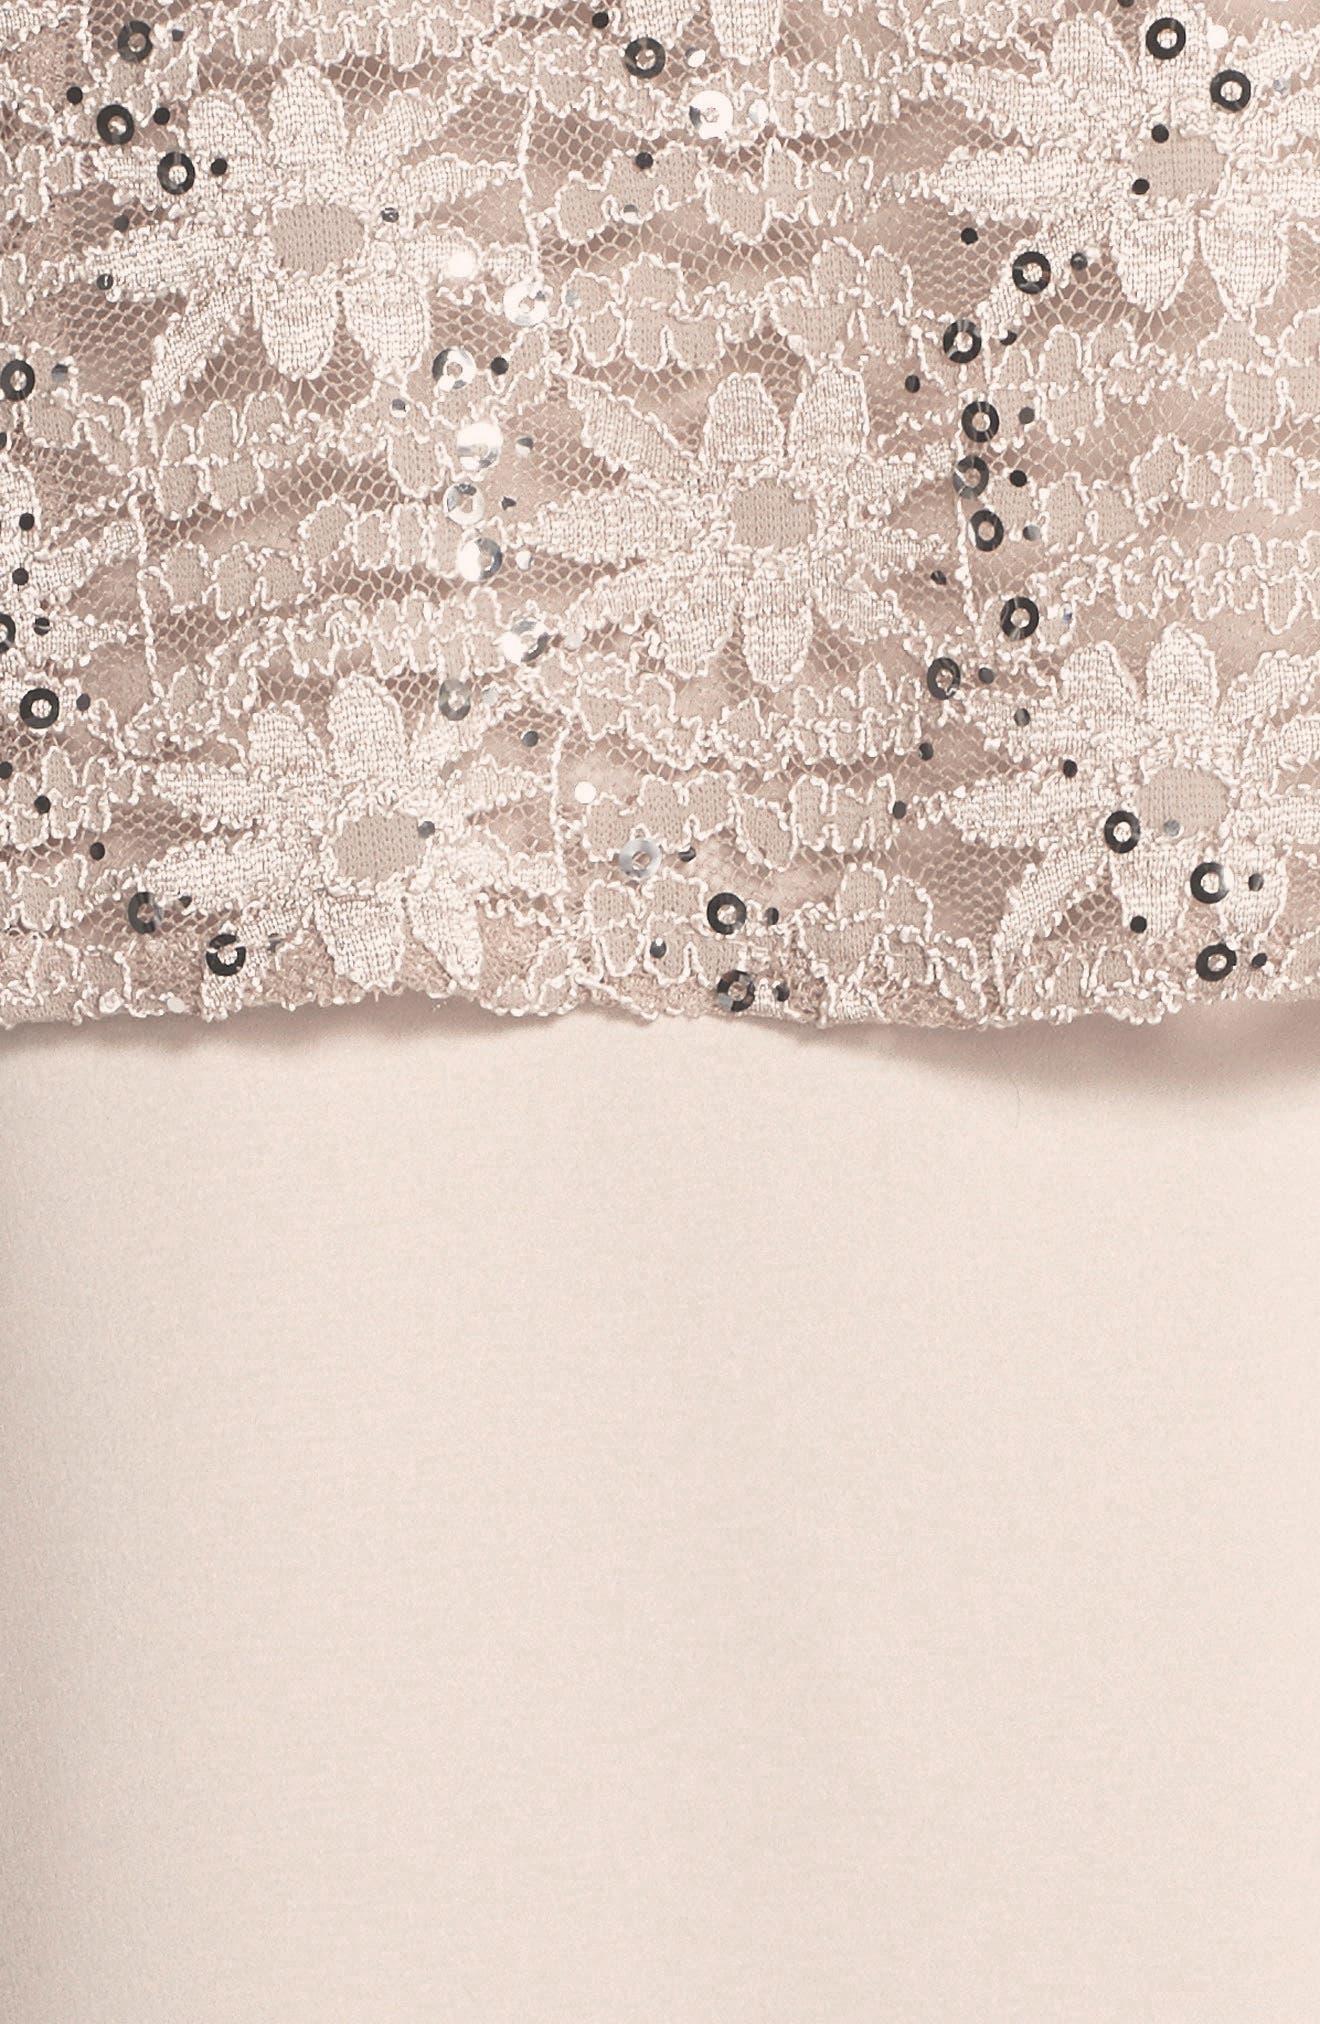 Alex Evening A-Line Gown & Lace Jacket,                             Alternate thumbnail 5, color,